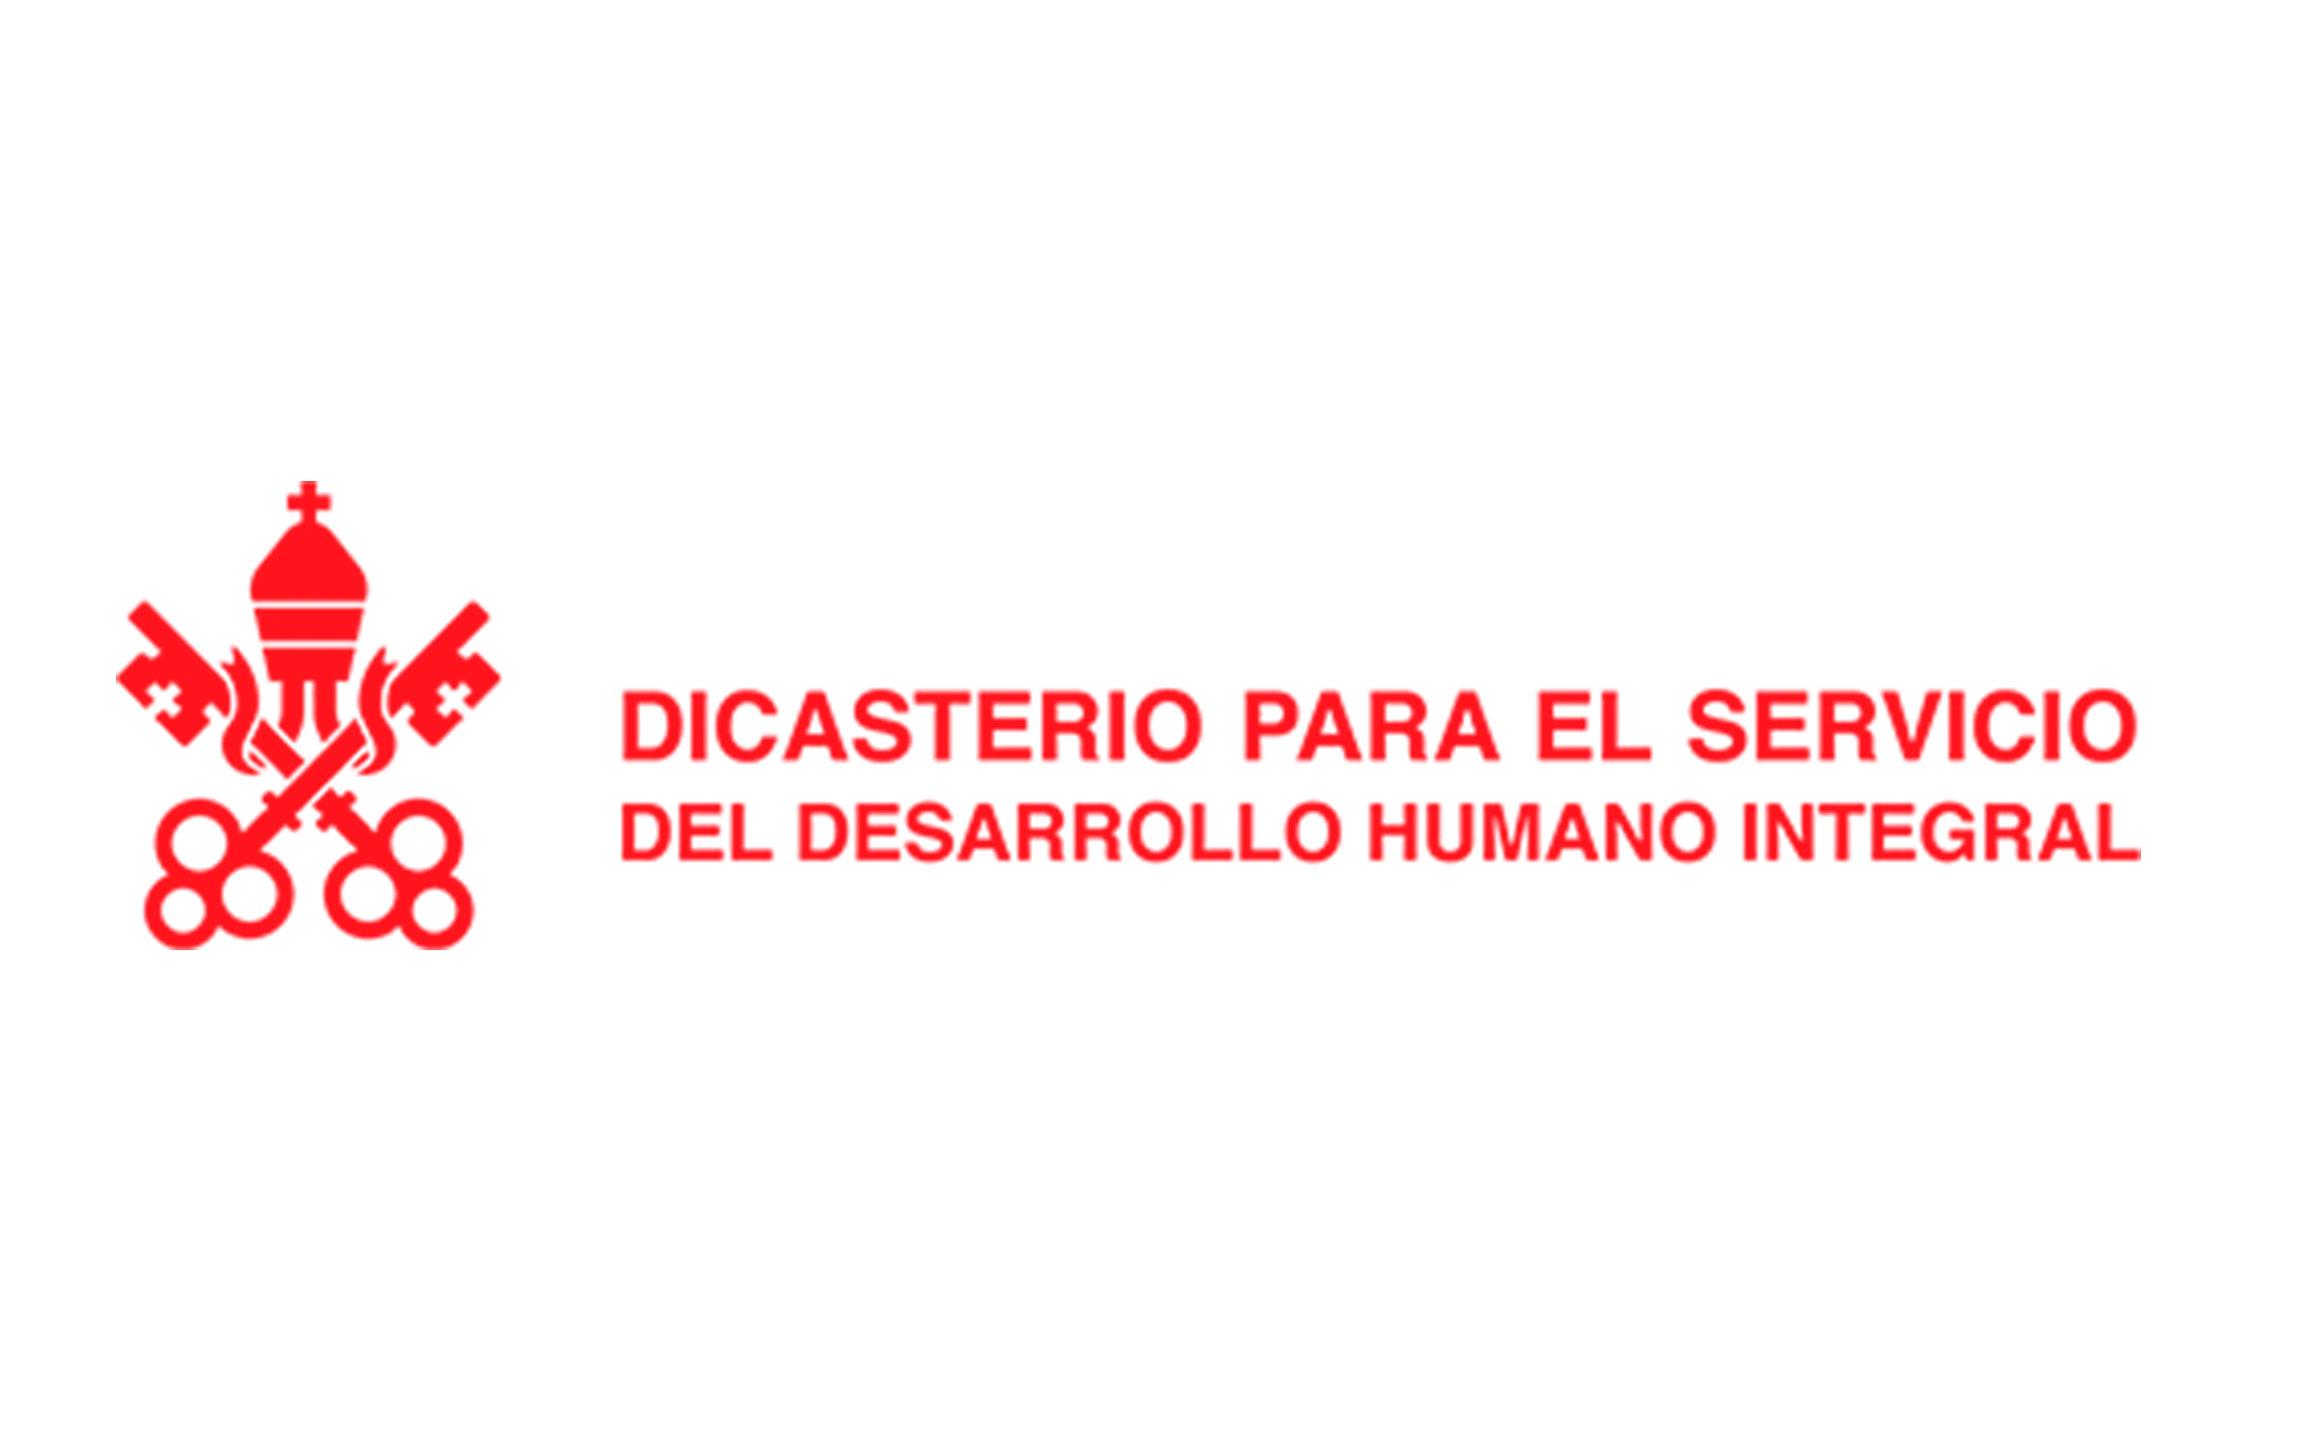 Logo Dicasterio para el Servicio del Desarrollo Humano Integral